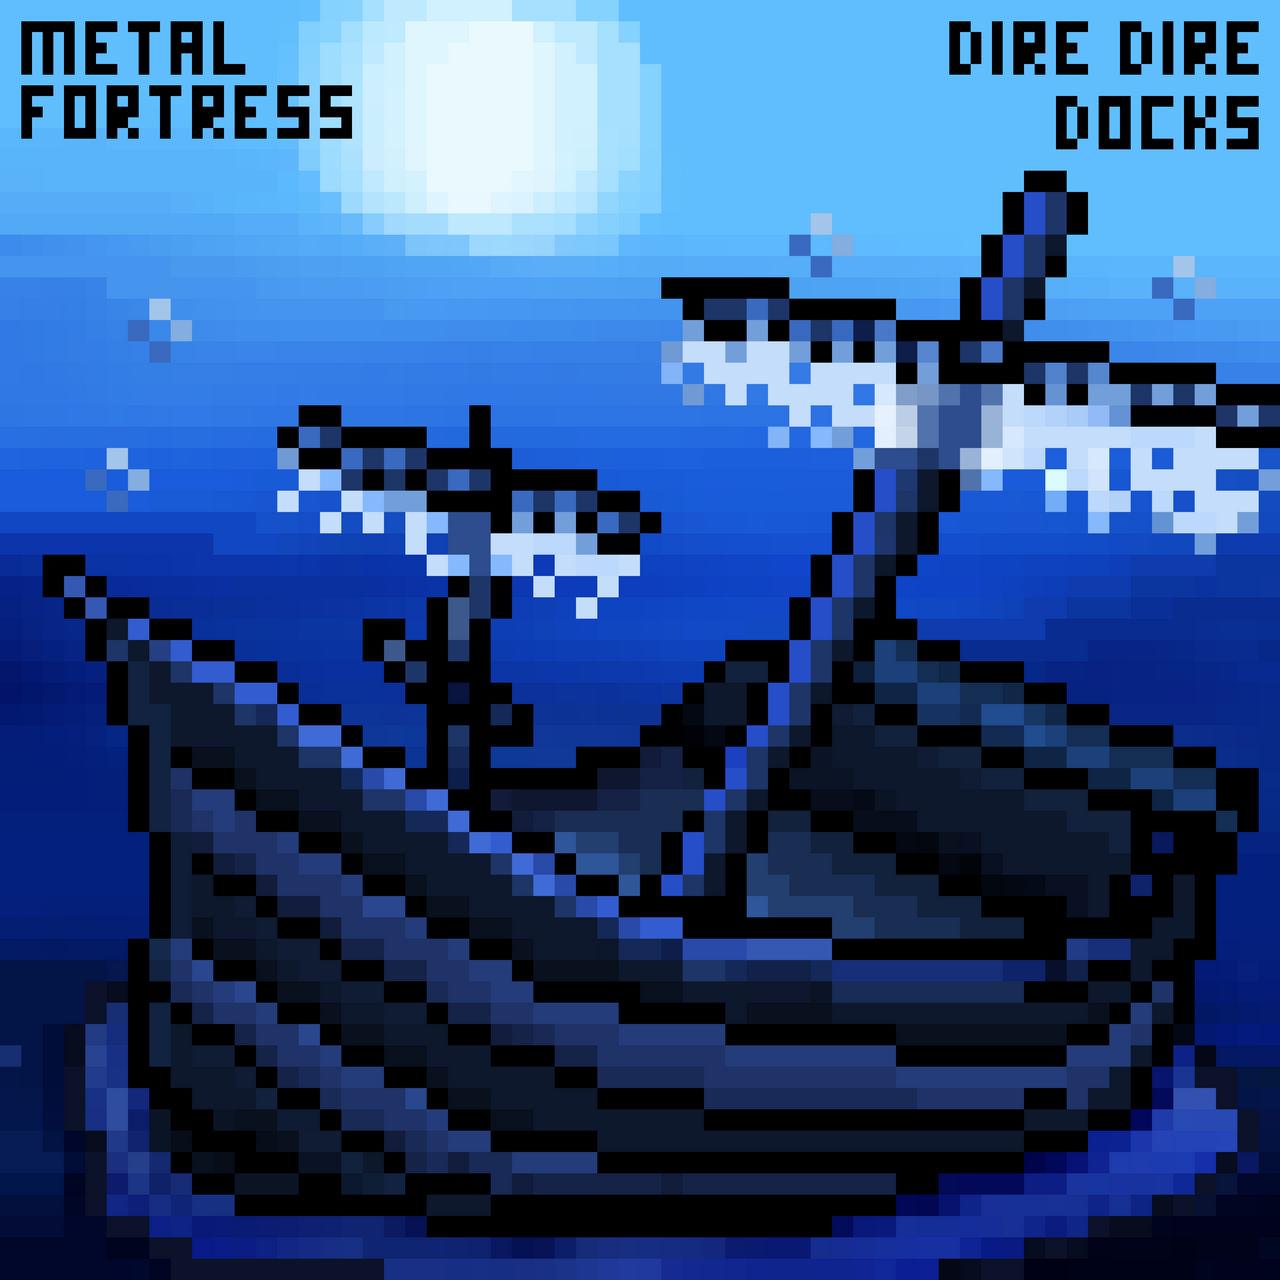 Album Art - Dire Dire Docks (From Super Mario 64)